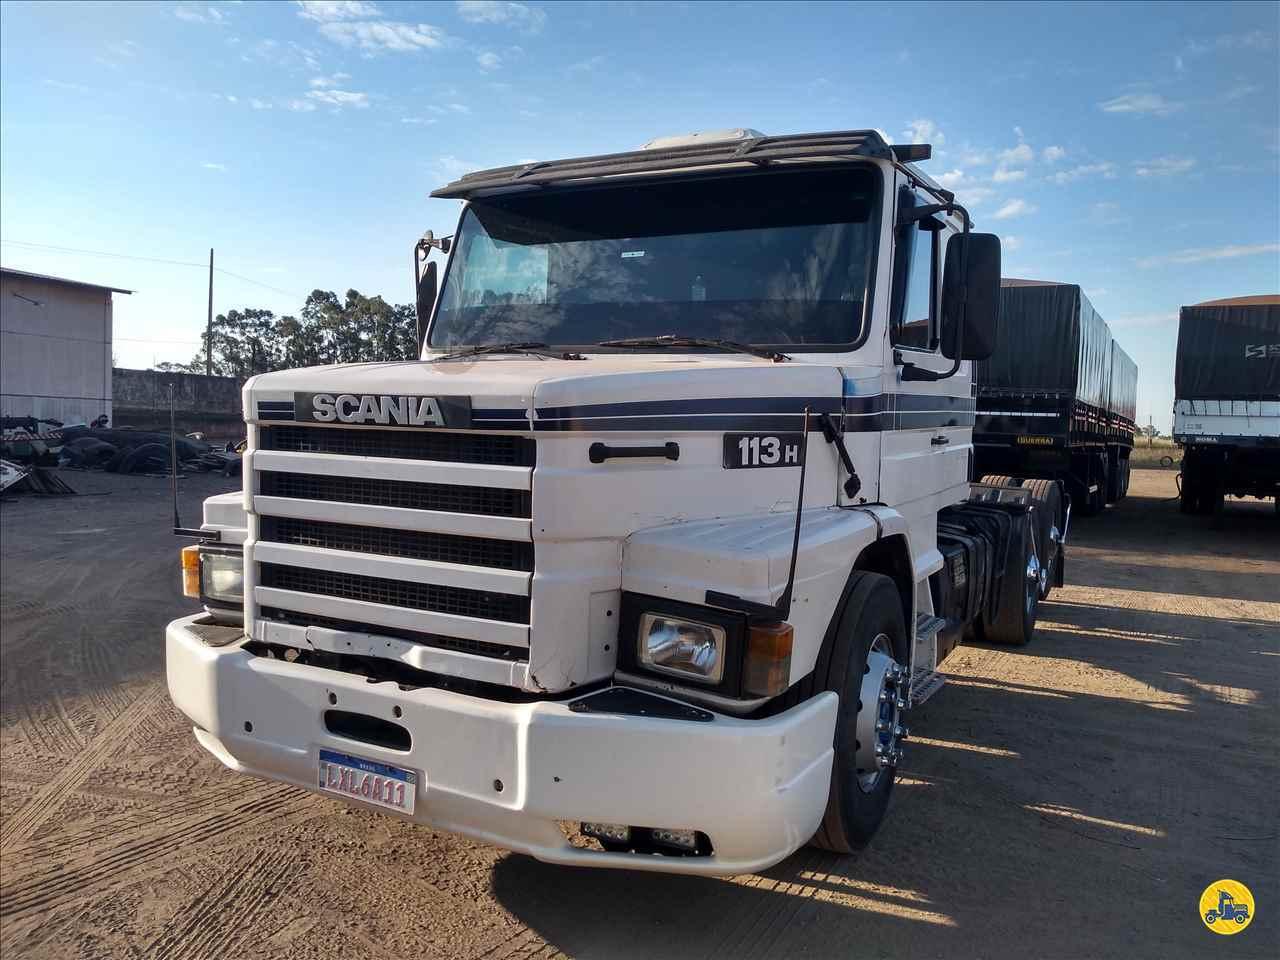 CAMINHAO SCANIA SCANIA 113 360 Cavalo Mecânico Truck 6x2 Rodomati Caminhões PARANAVAI PARANÁ PR